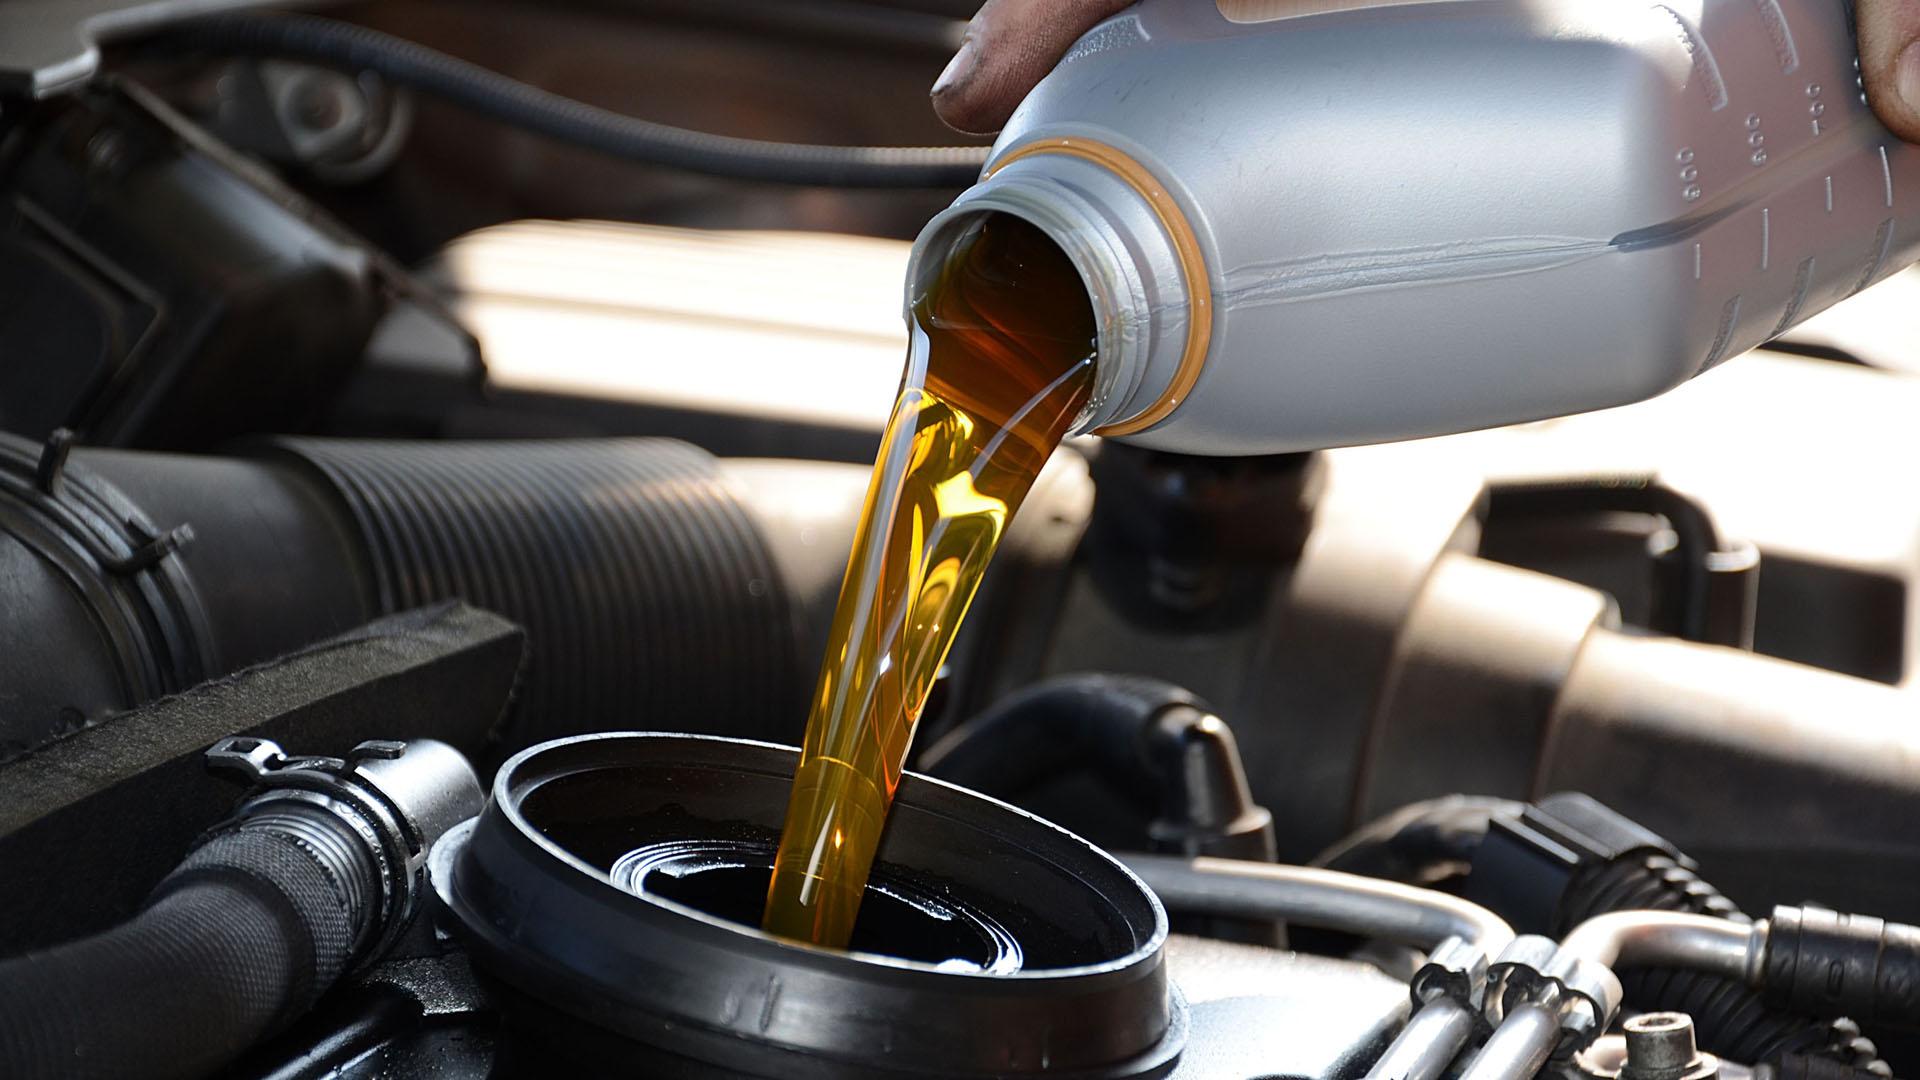 En Venezuela la mayoría de aceites son compatibles, por lo que un cambio de marca no afectará al automotor